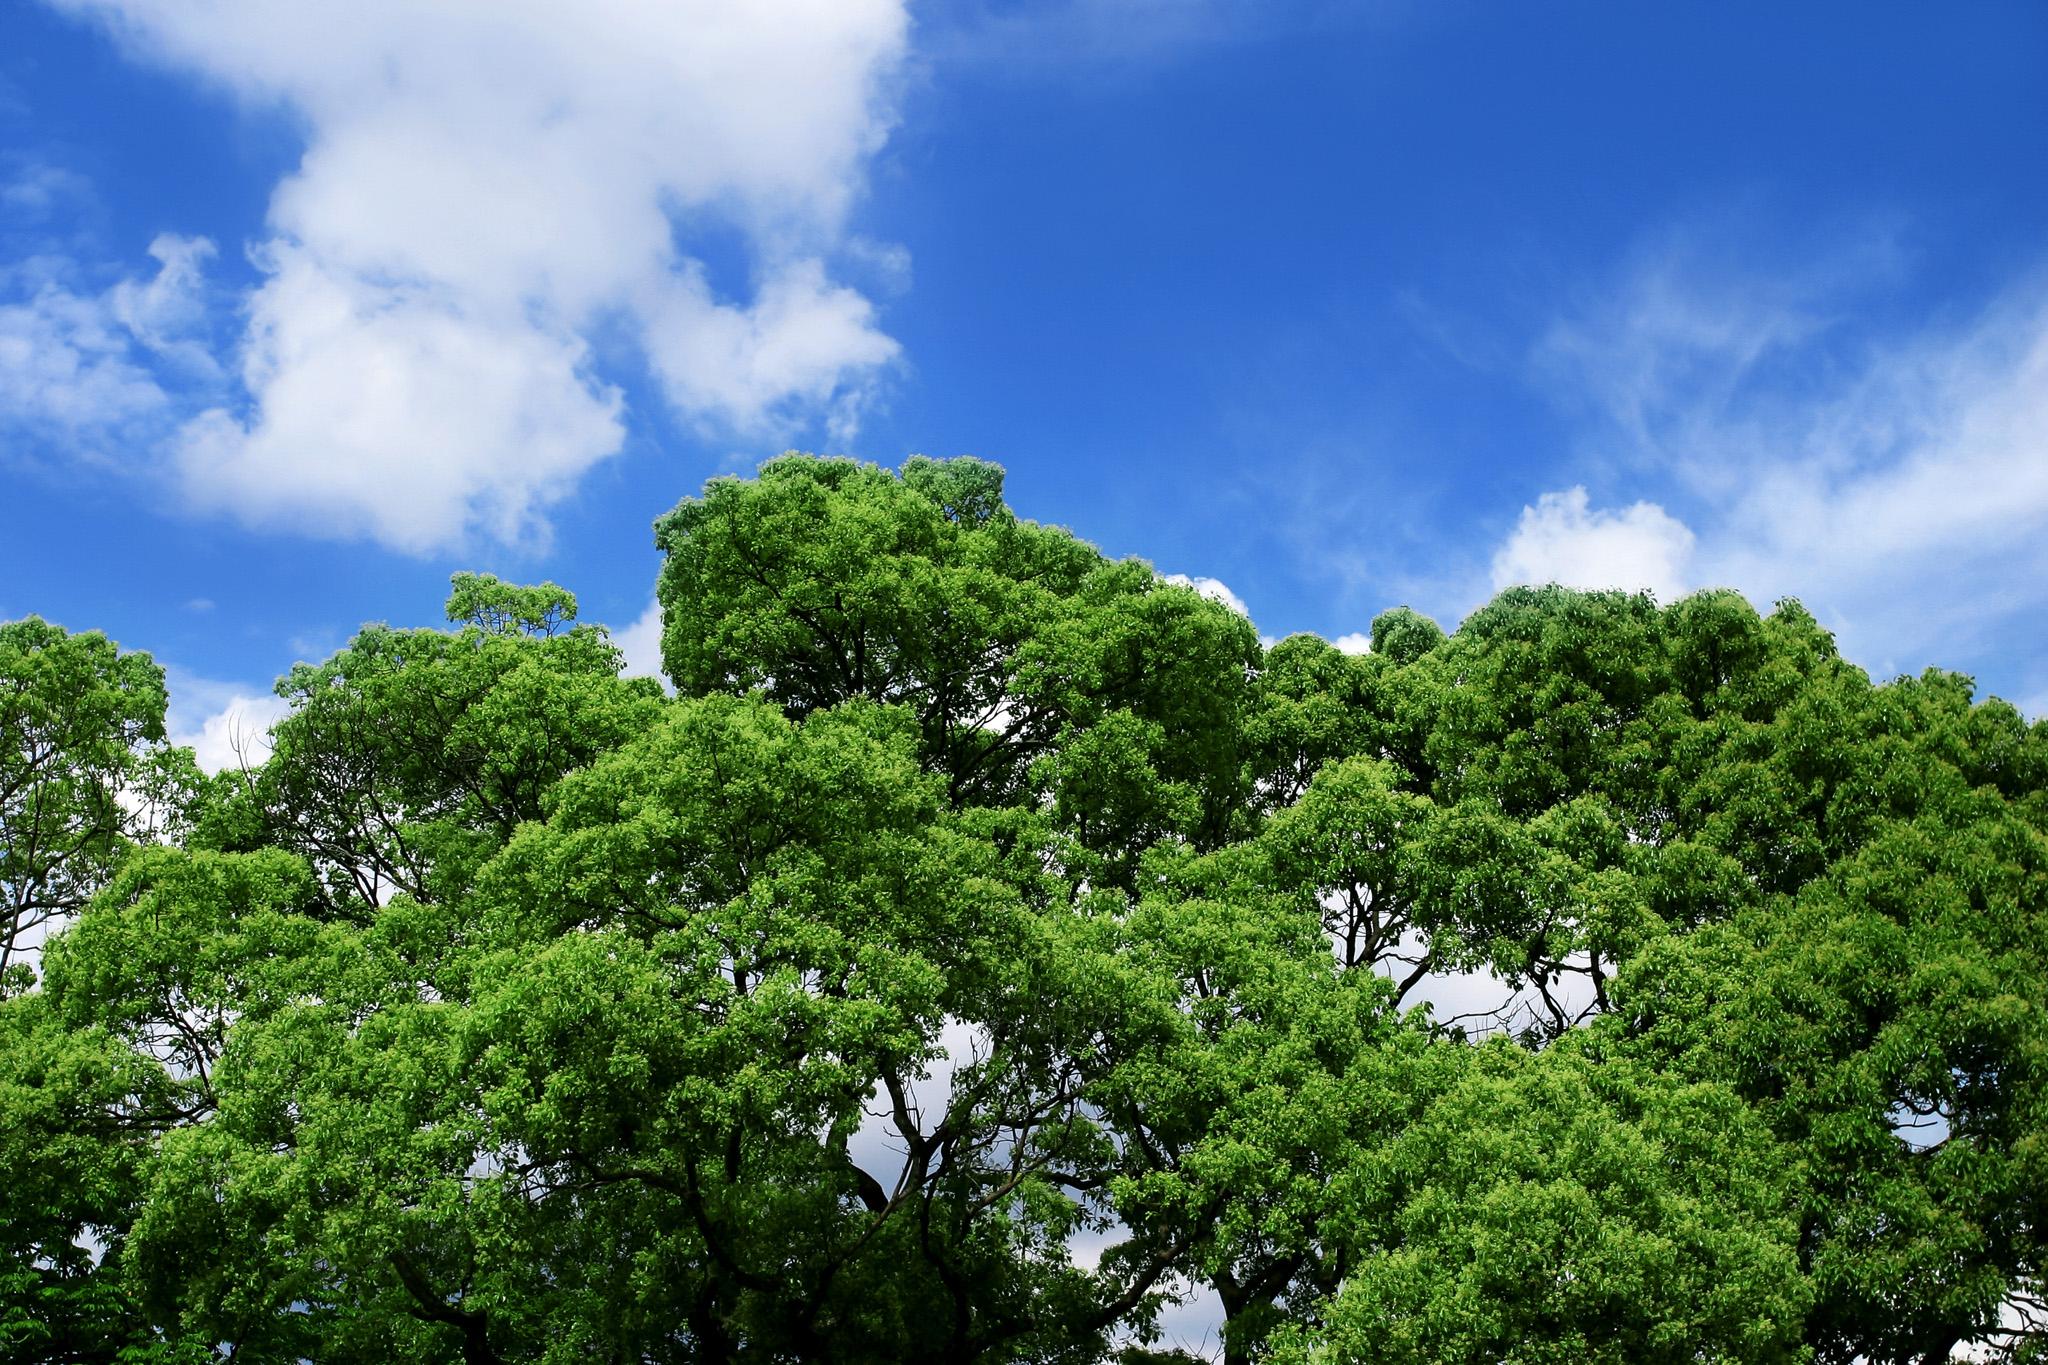 「夏の青空と森の大きな樹」